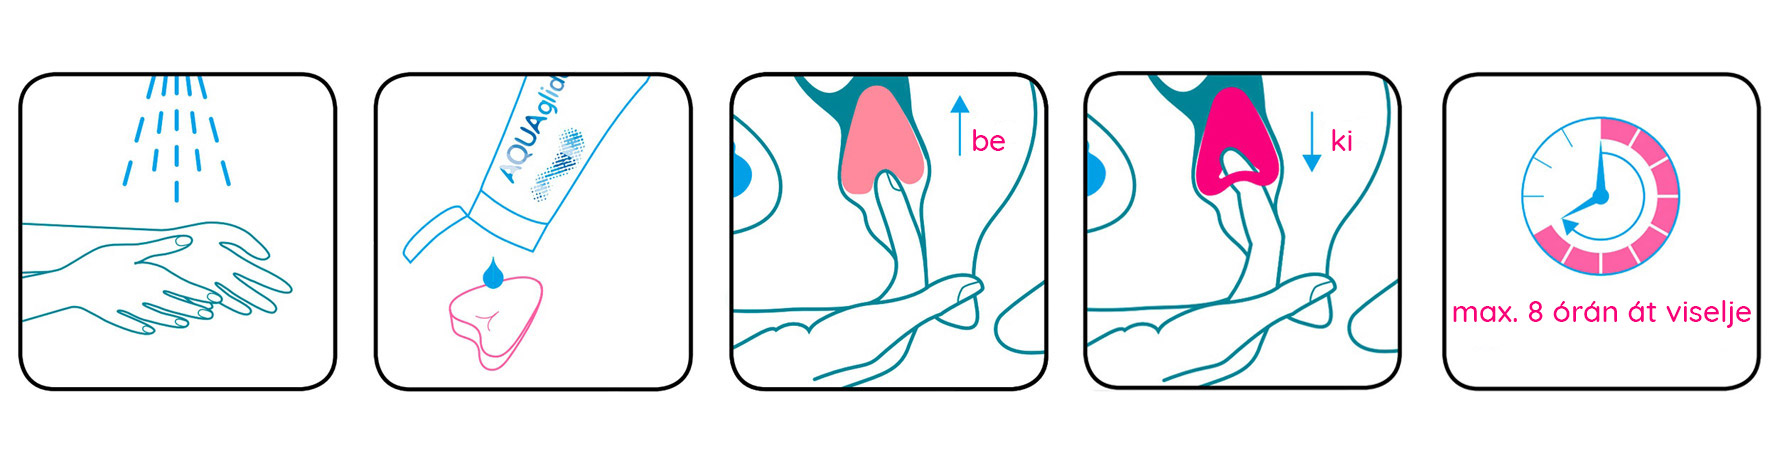 miért van szükség péniszgyűrűkre